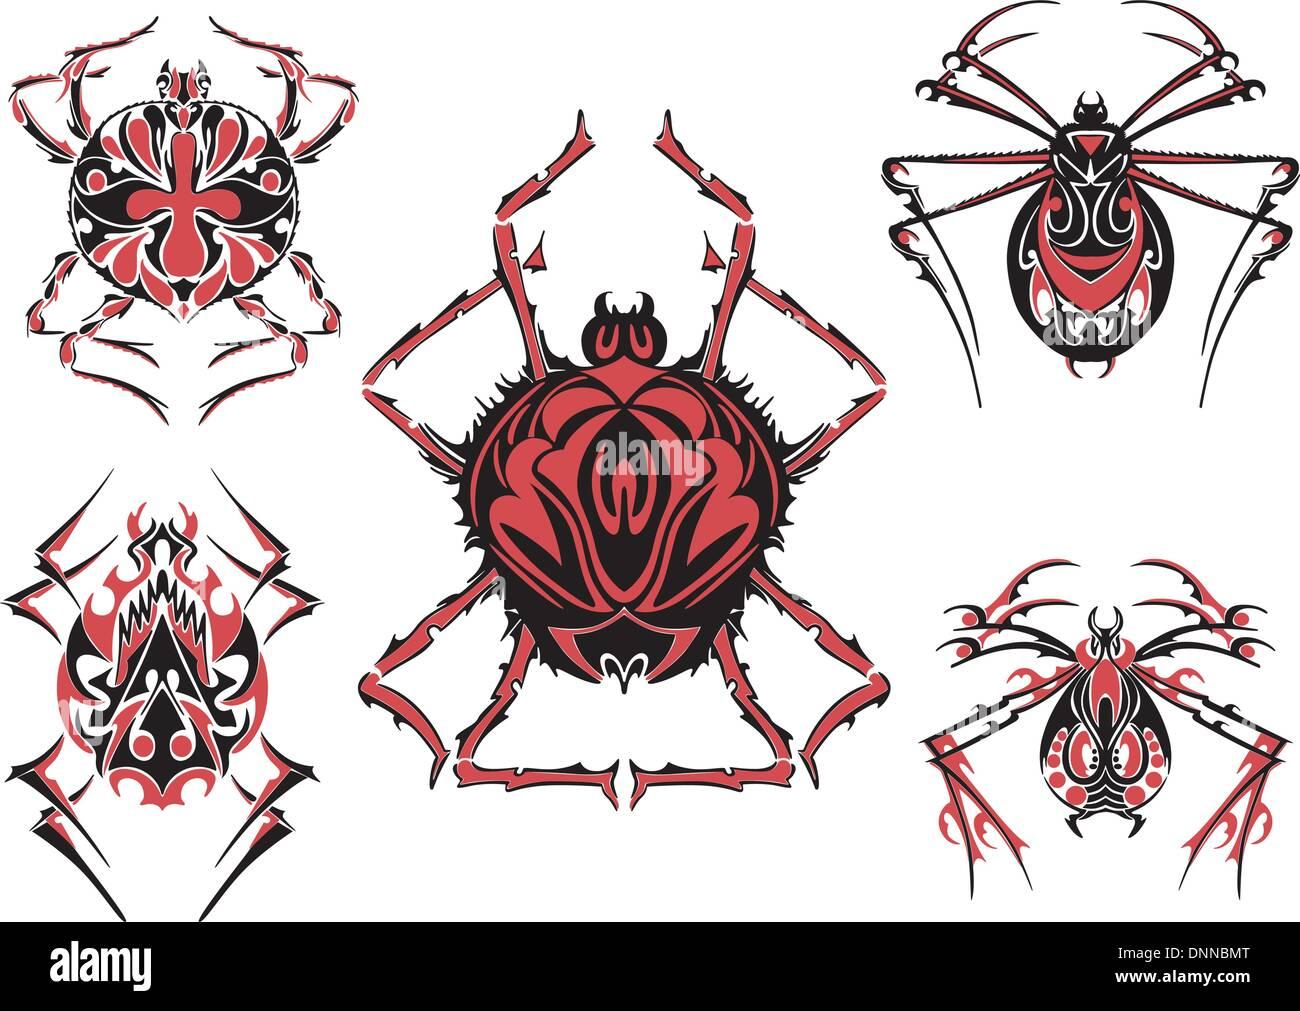 Schwarze und rote Spinne der symmetrischen Tätowierungen. Vektor-Illustration-EPS8 Stock Vektor